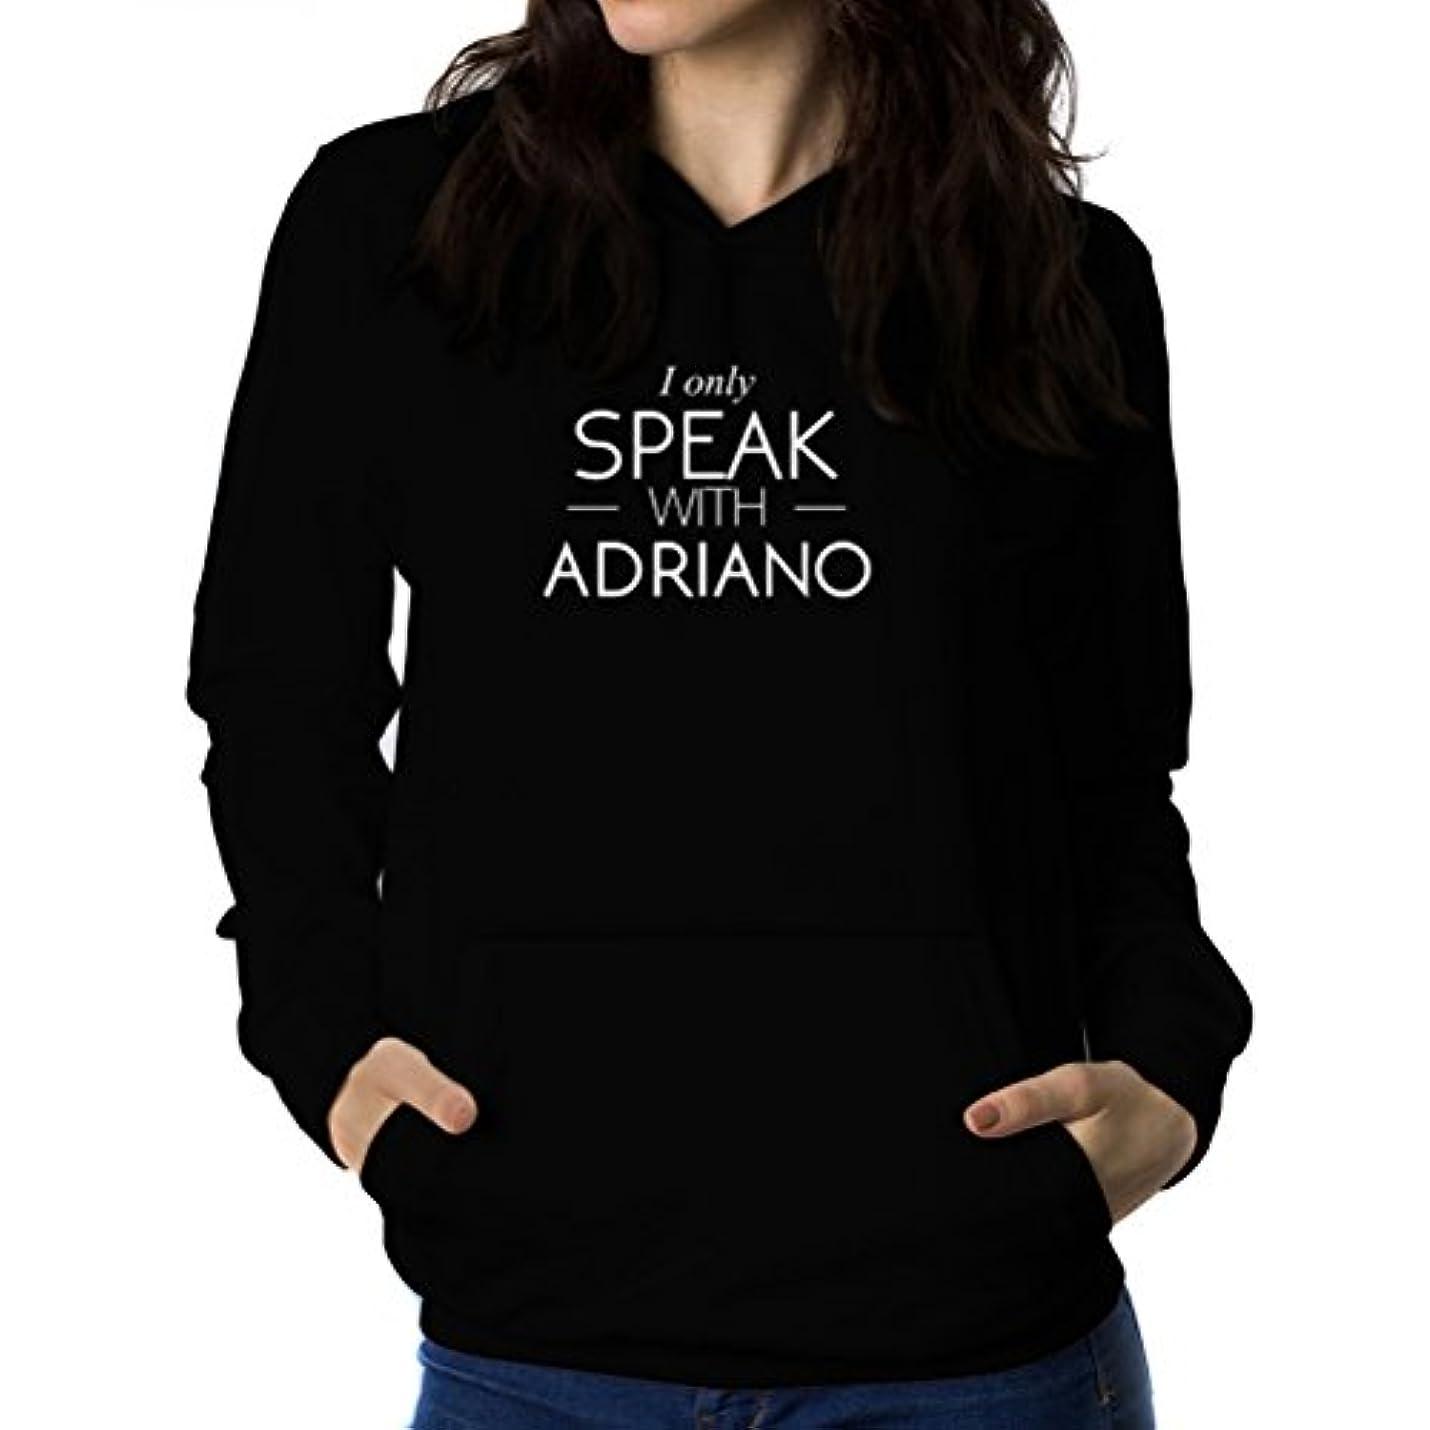 主張例外かすれたI only speak with Adriano 女性 フーディー